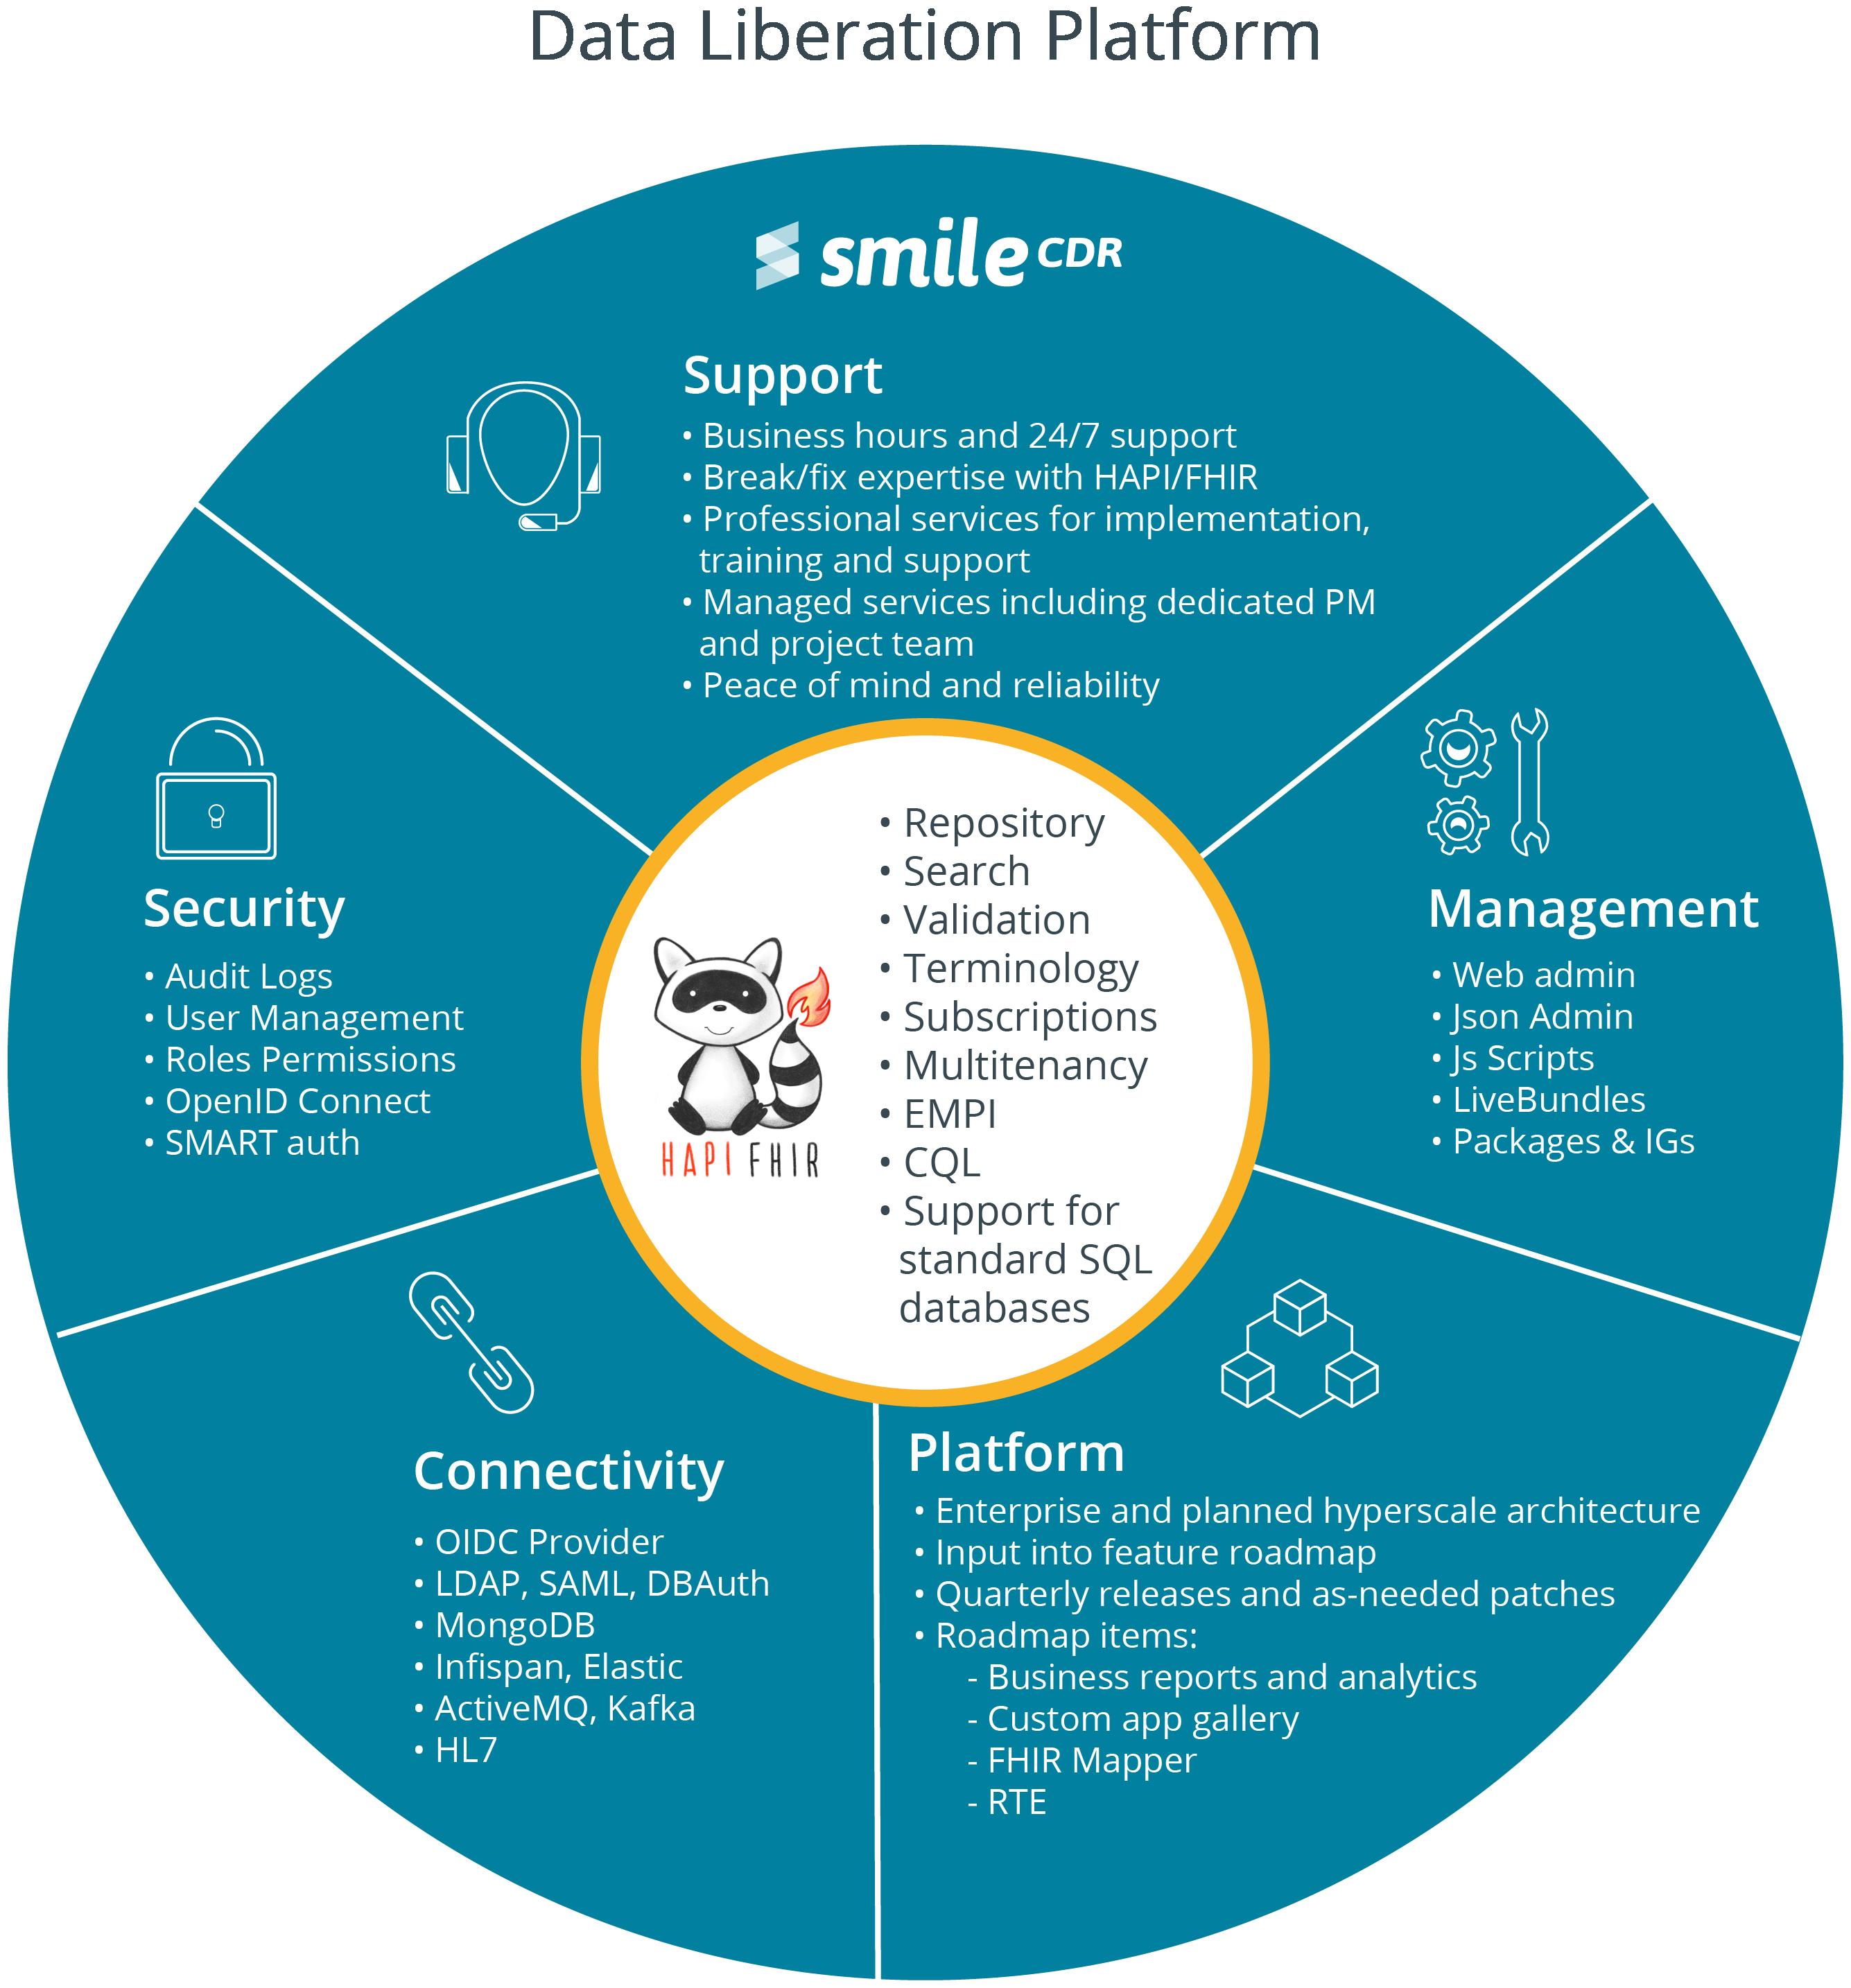 Smile-CDR-Data-Liberation-Platform-R1220_(2)